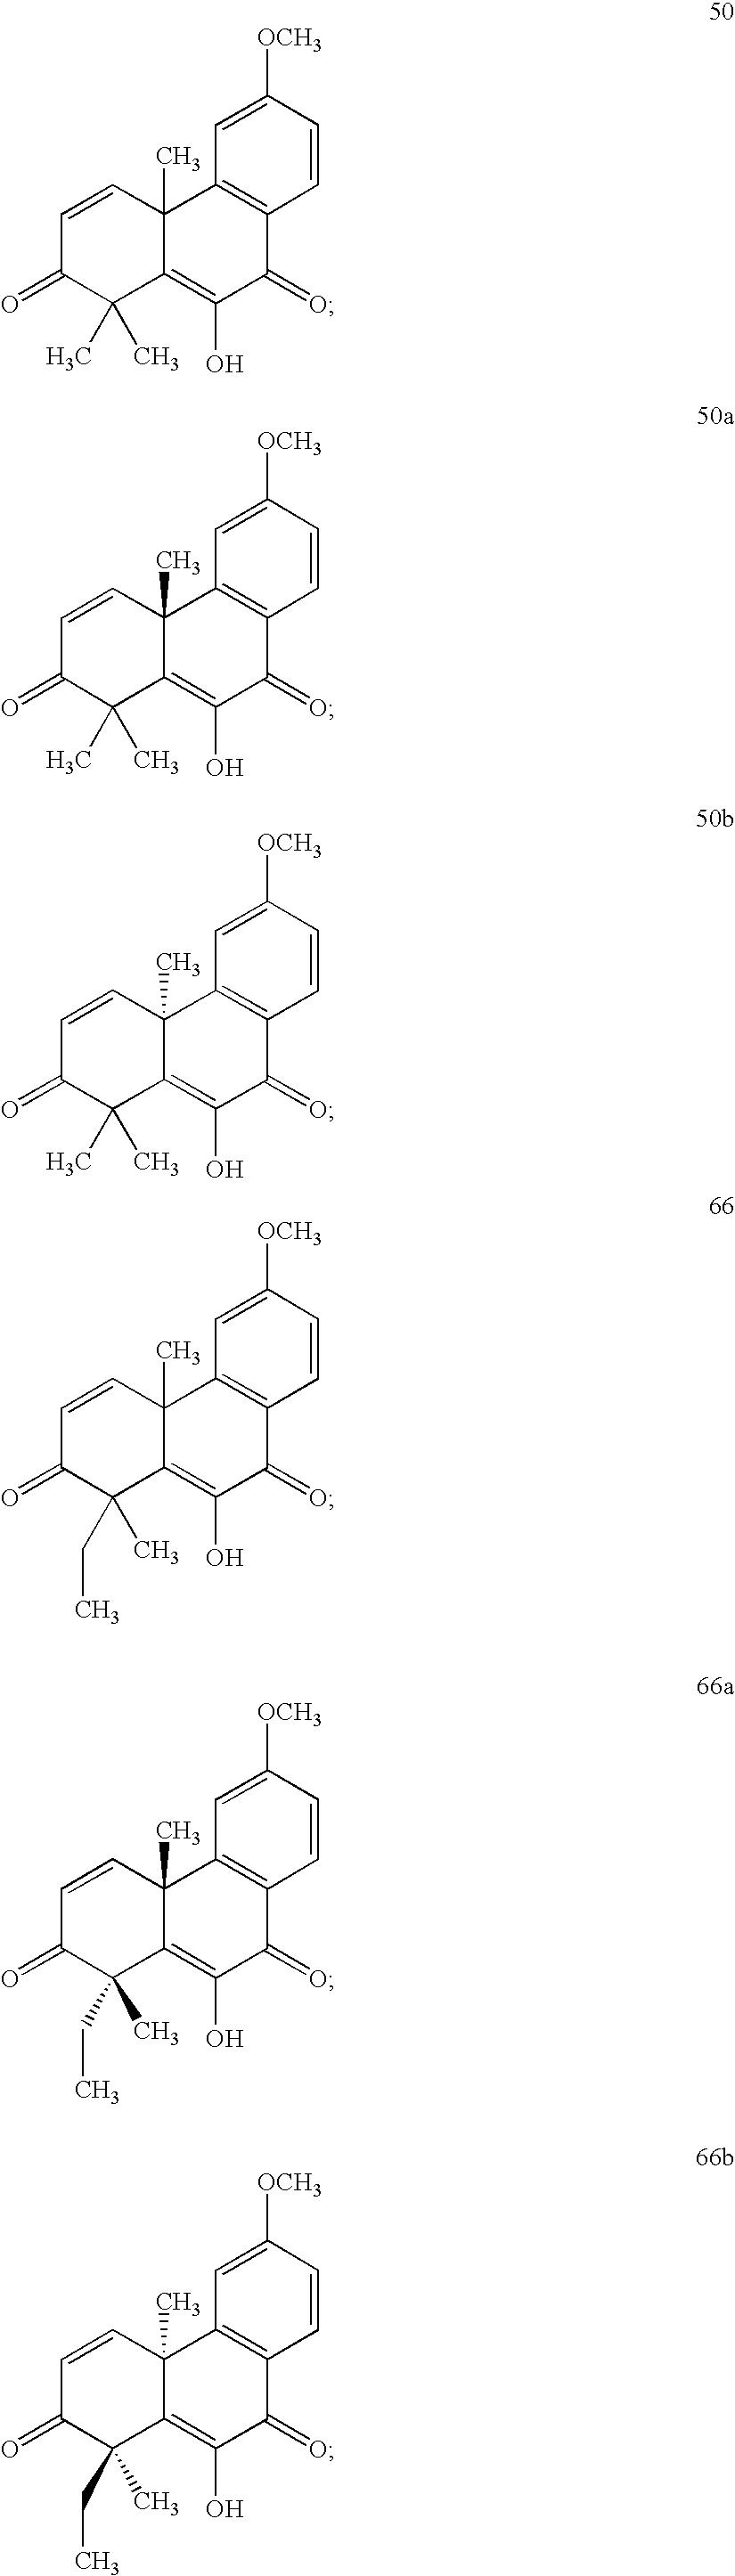 Figure US07217844-20070515-C00008